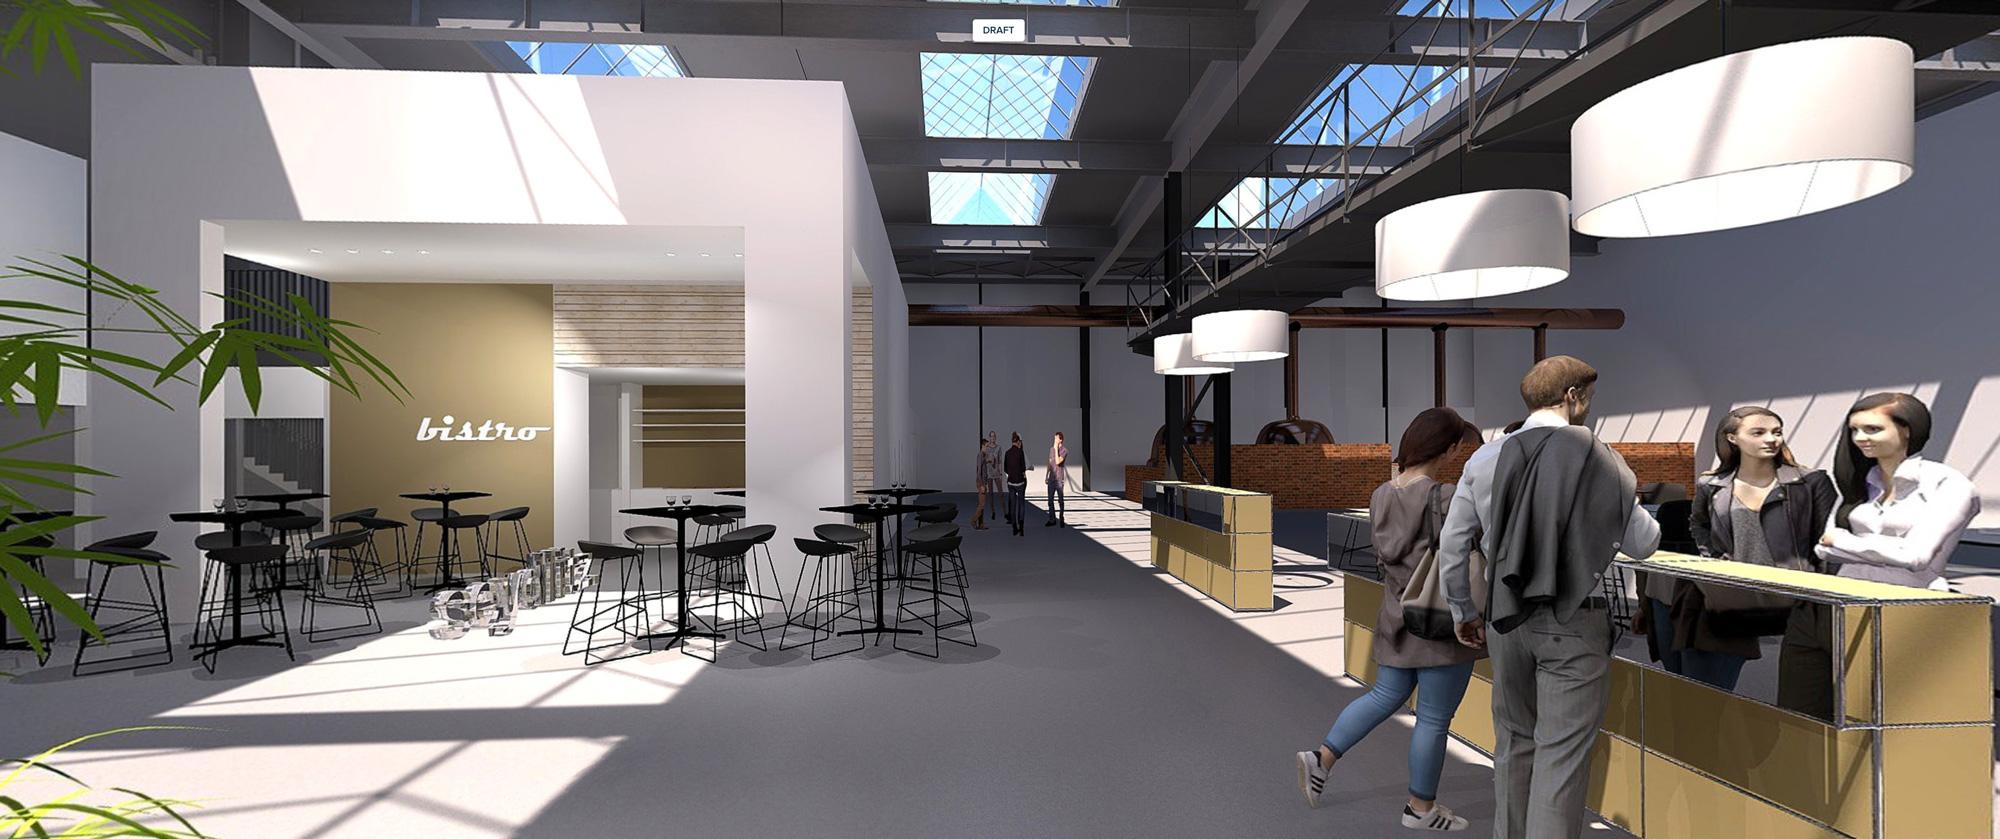 Brauerei, realisiert 2018. 360 Grad Panorama.